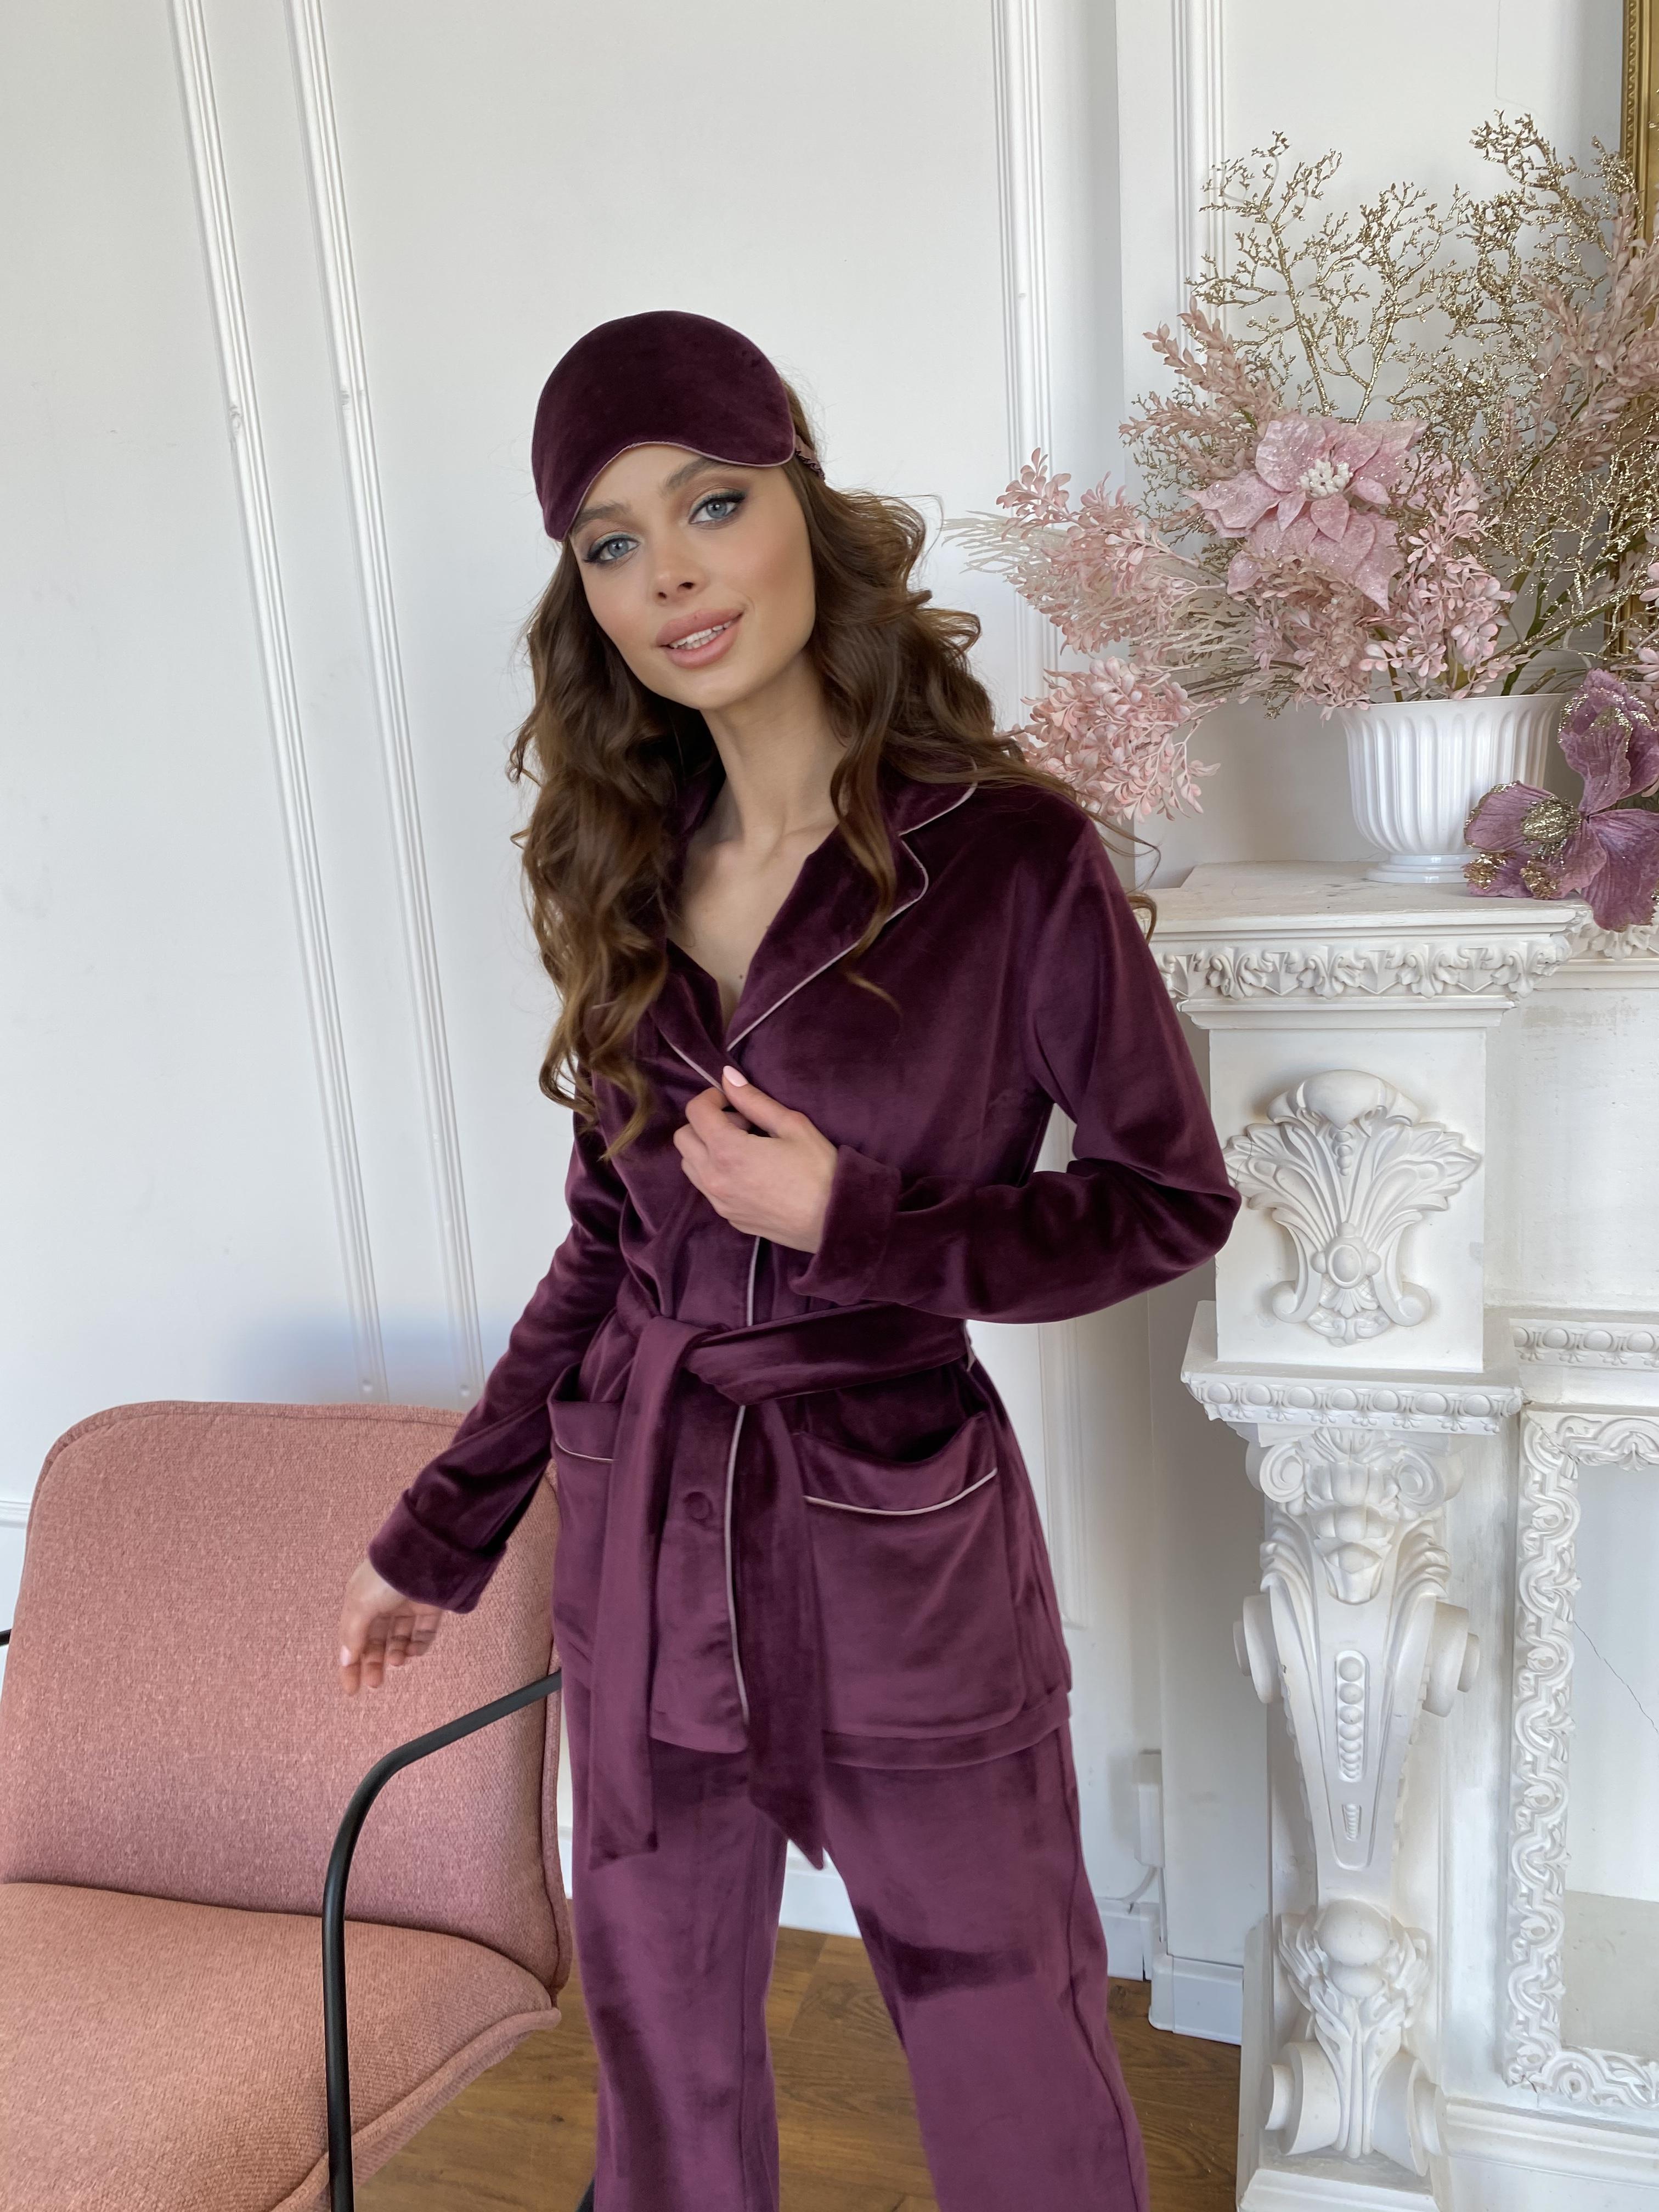 Шайн пижама велюр жакет брюки маска для сна 10353 АРТ. 46701 Цвет: Марсала - фото 7, интернет магазин tm-modus.ru